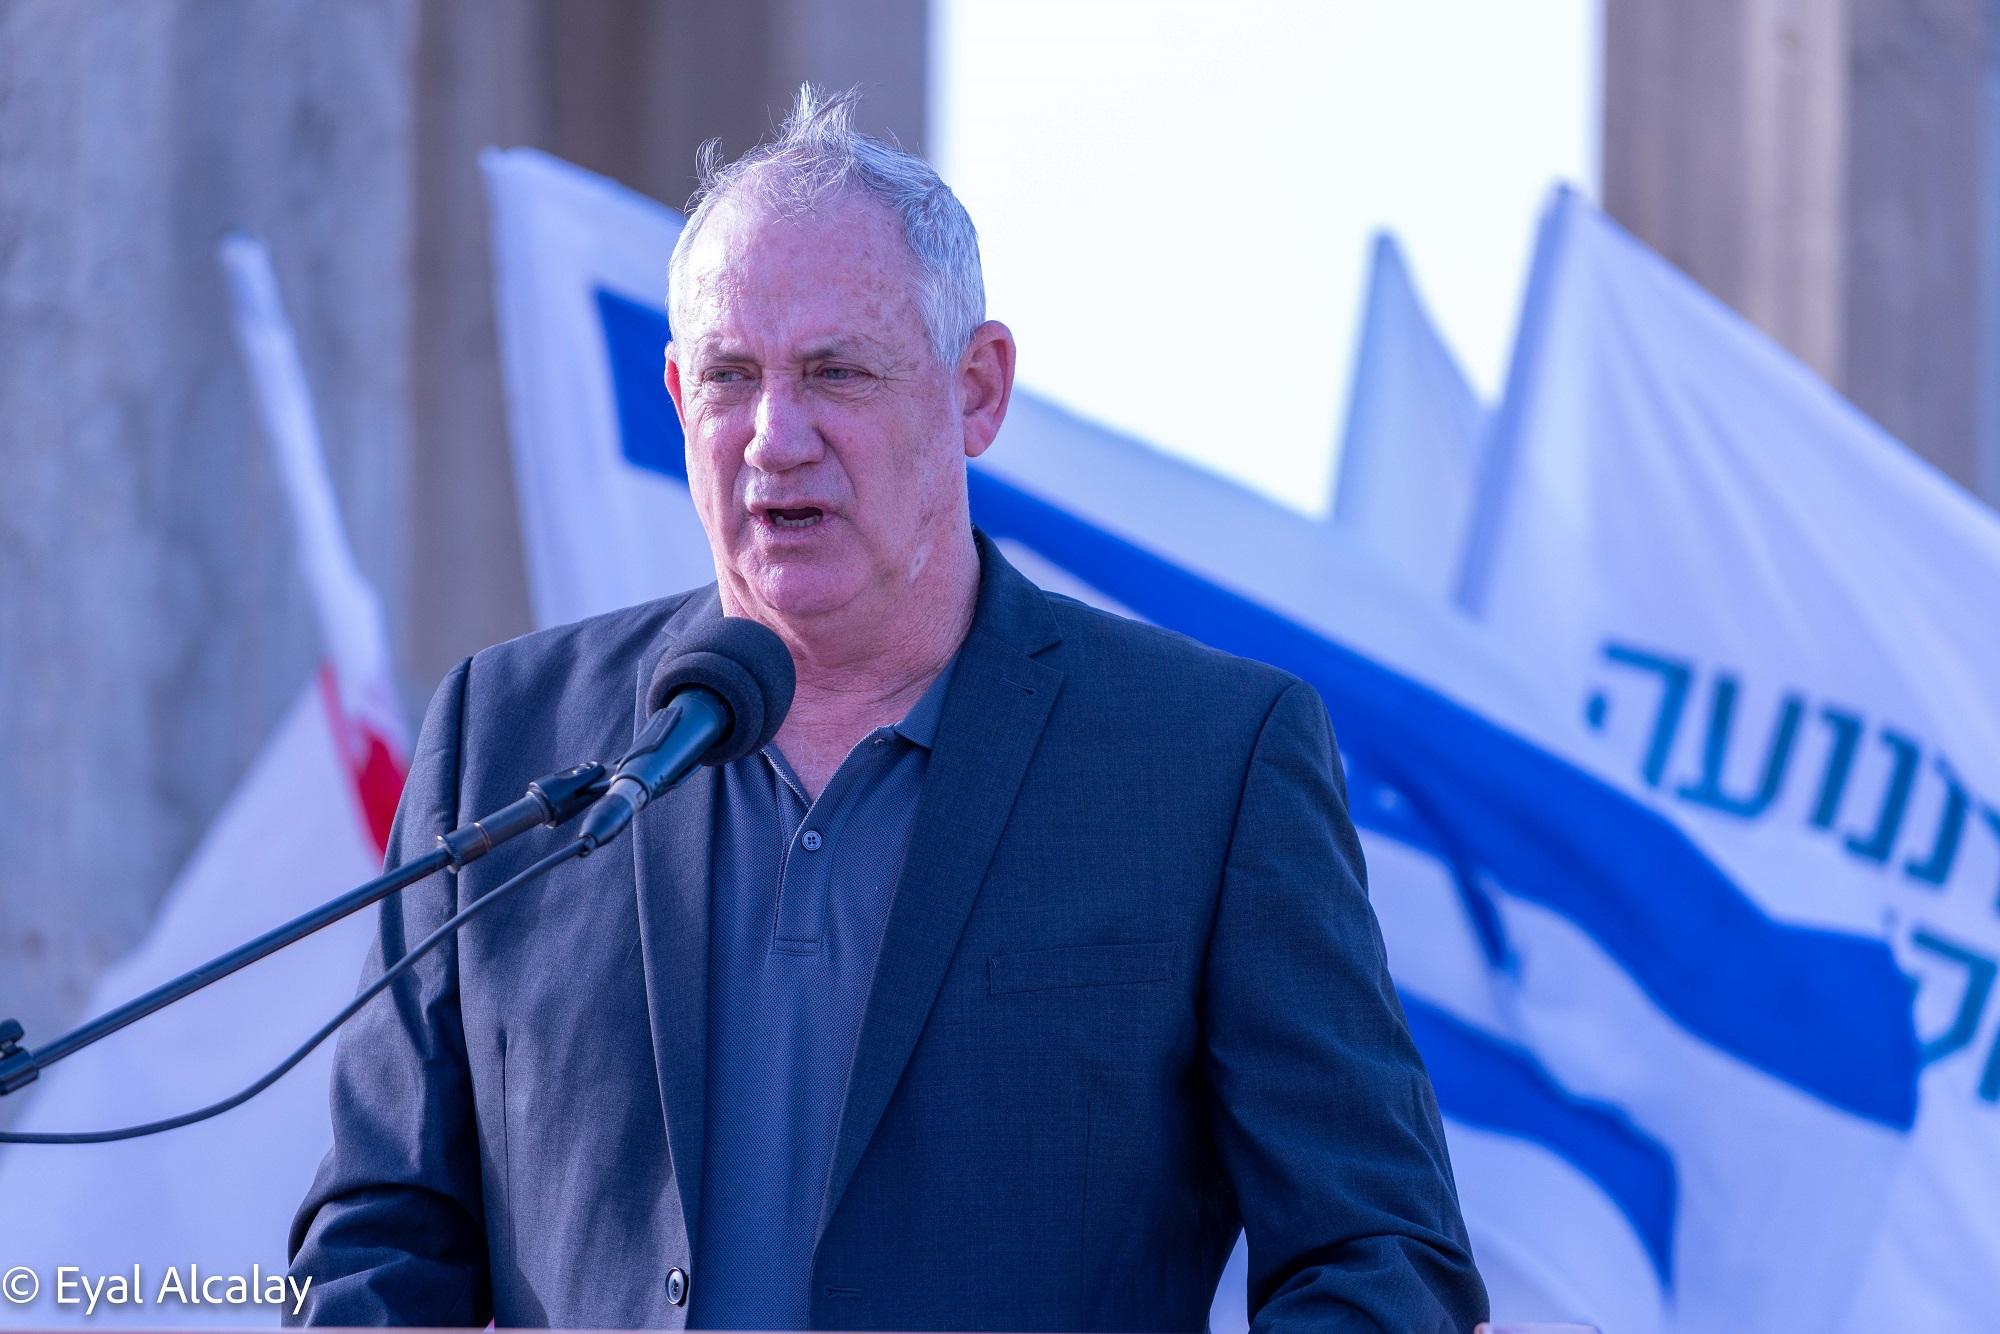 שר הביטחון גנץ נואם בטקס ההתייחדות השנתי. צילום: אייל אלקלעי